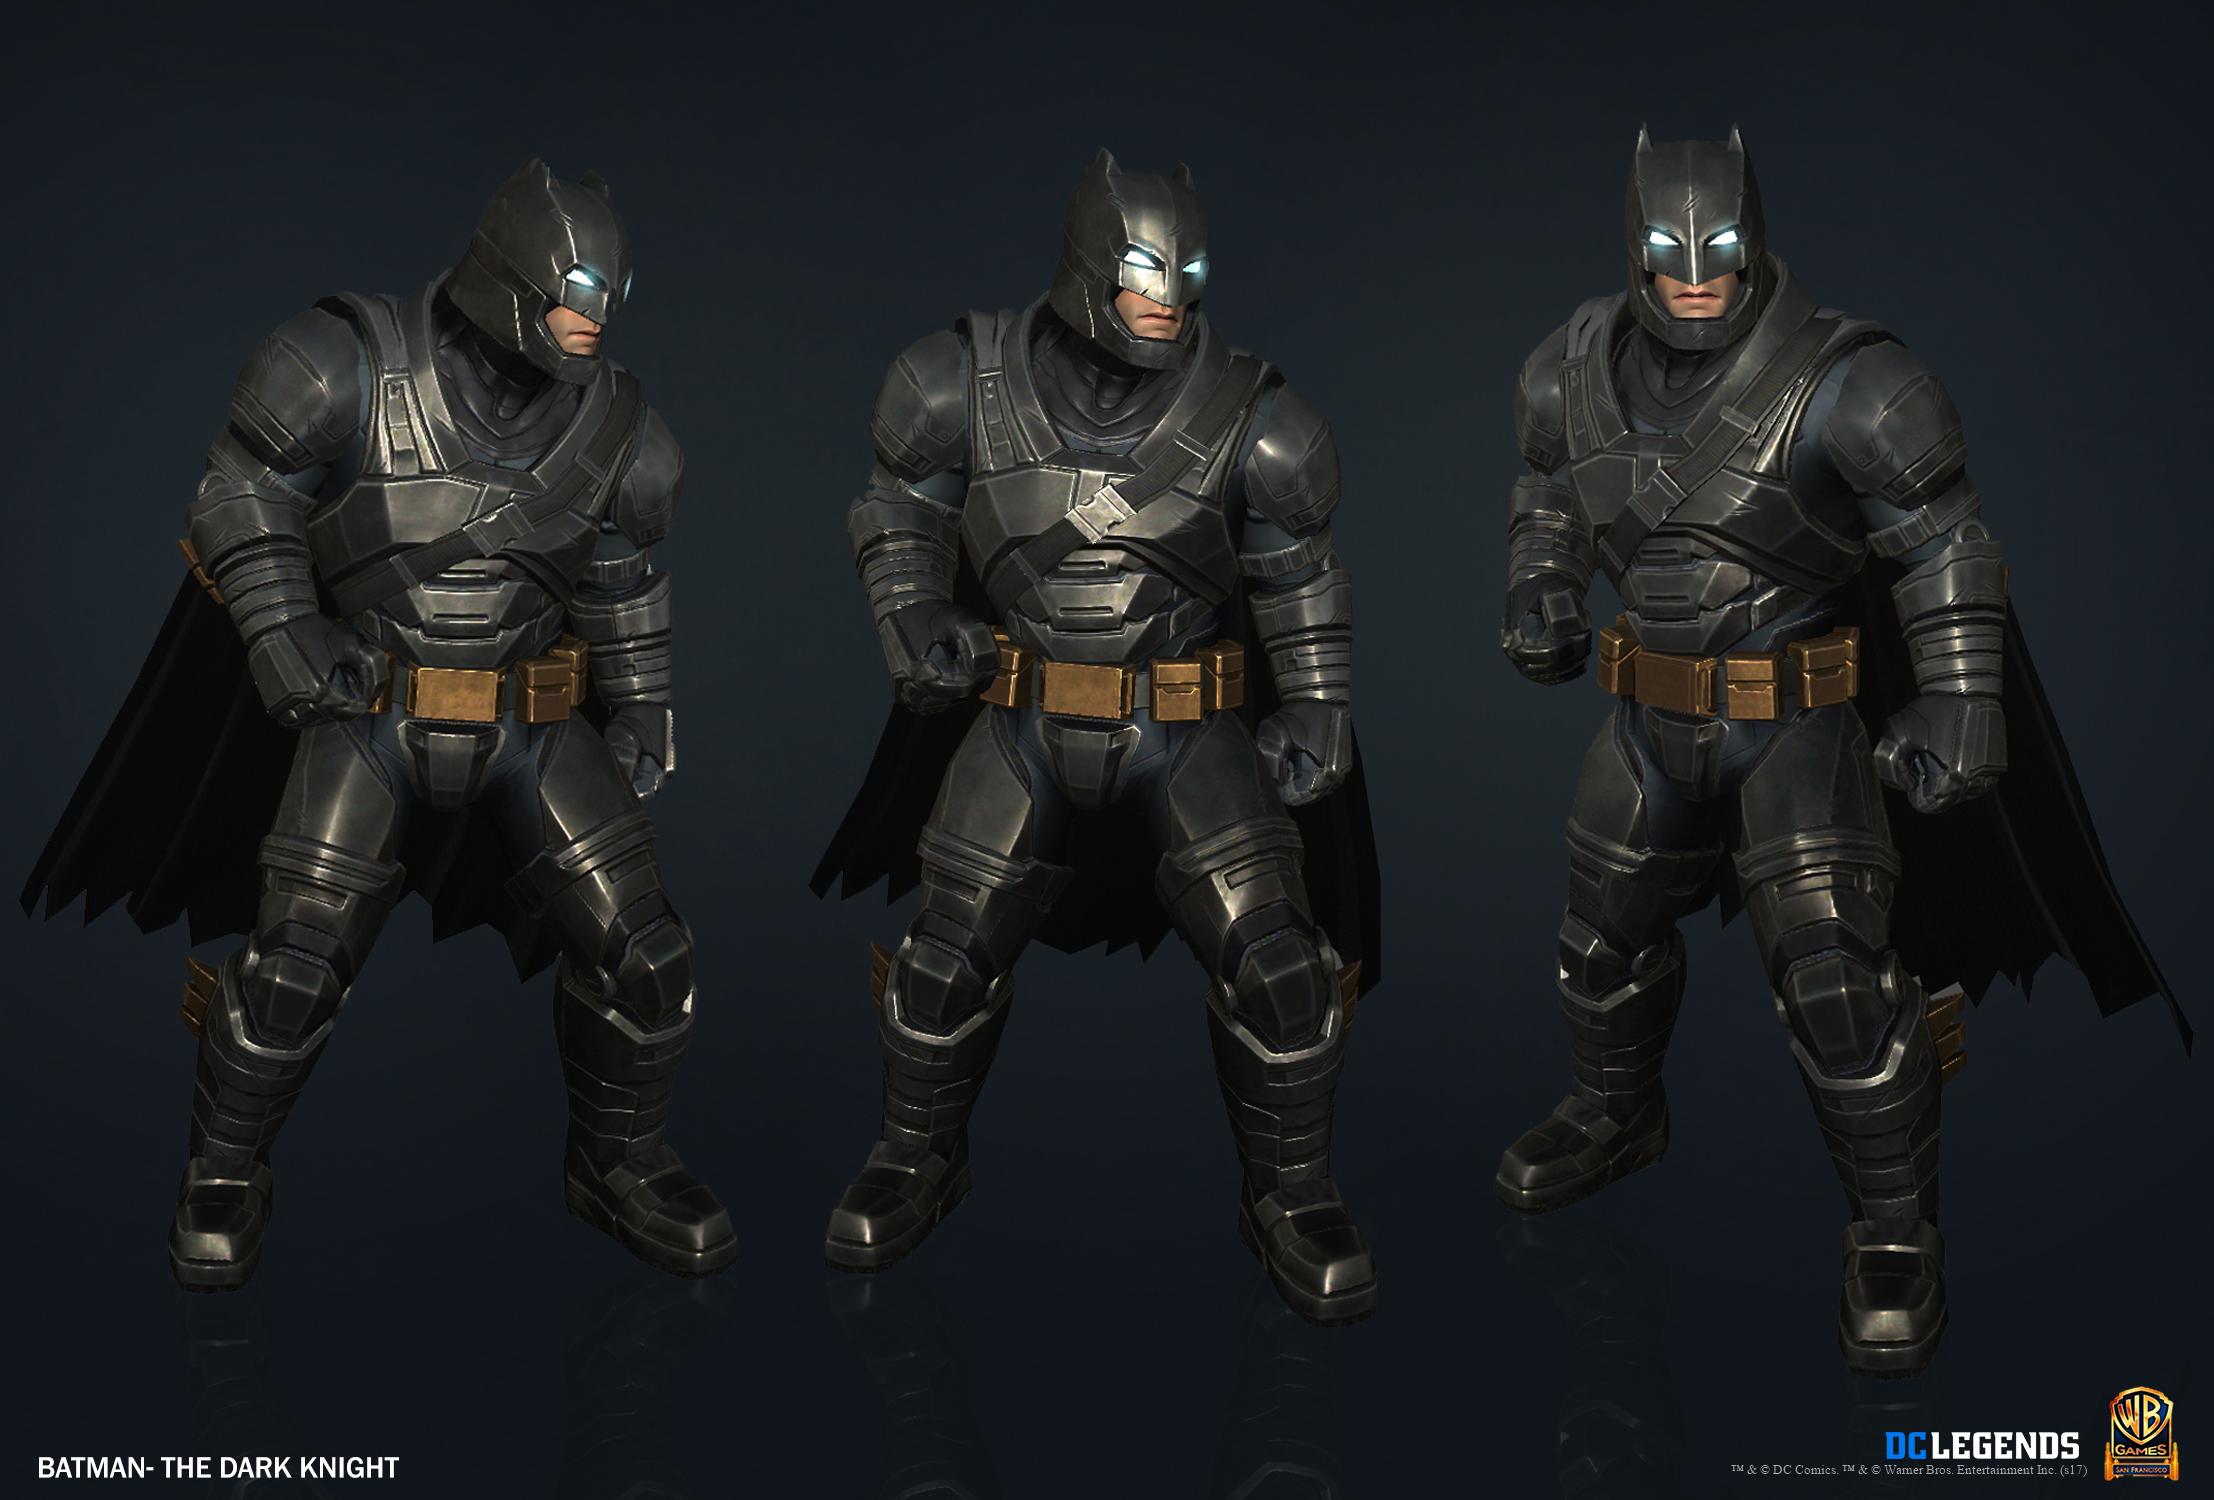 BatmanHeroic.jpg